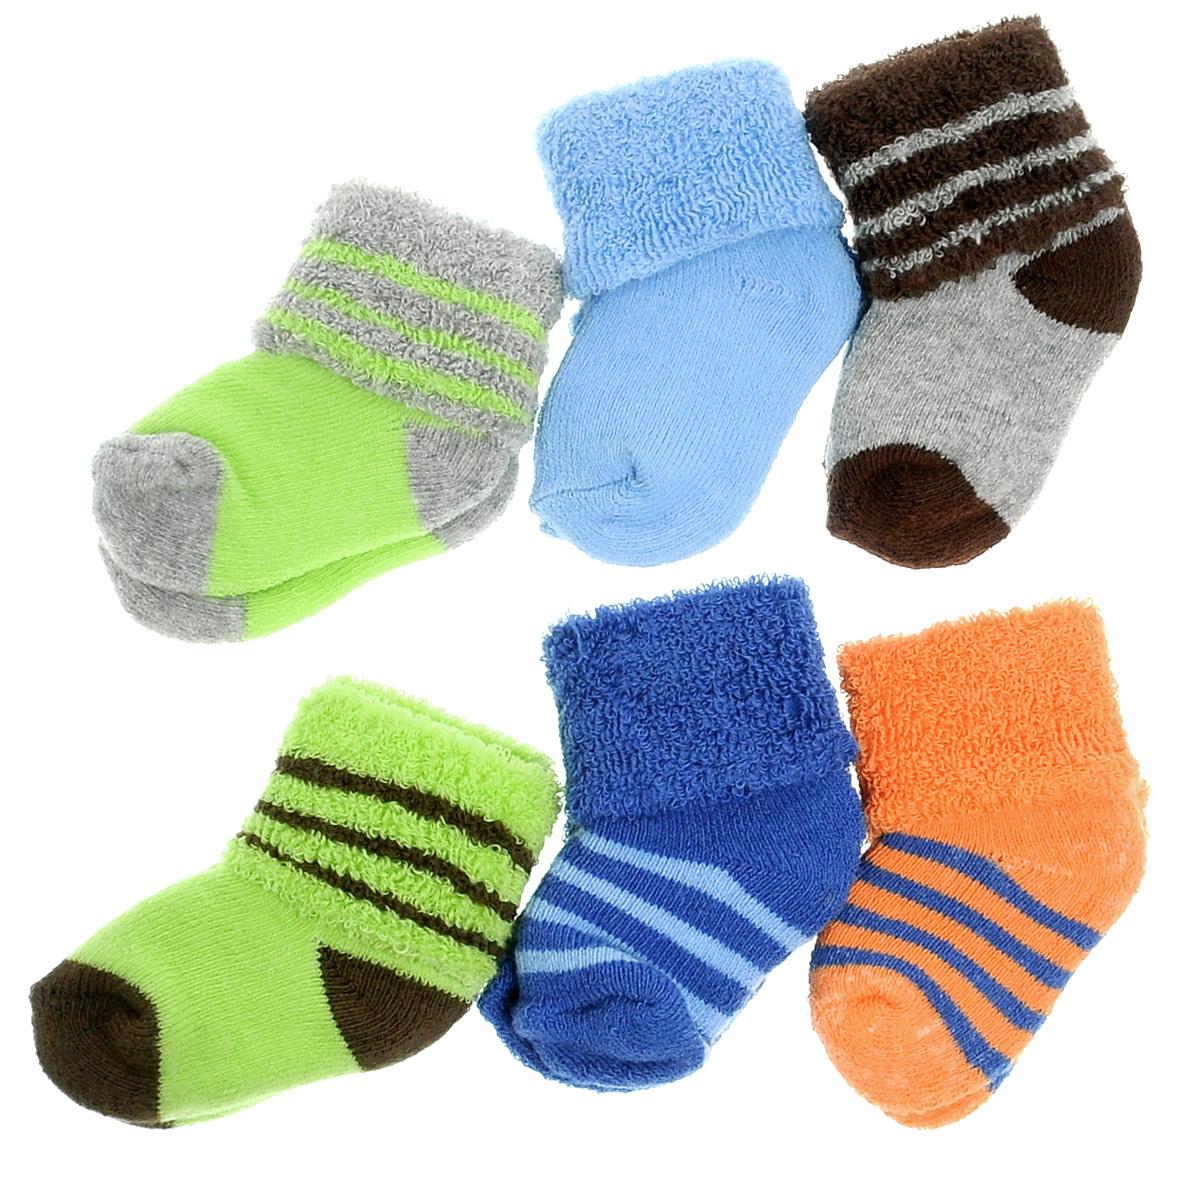 02603Комфортные, прочные и красивые детские носки Luvable Friends, махровые изнутри, очень мягкие на ощупь, а широкая резинка-отворот плотно облегает ножку ребенка, не сдавливая ее, благодаря чему младенцу будет комфортно и удобно. Комплект состоит из шести пар носочков различной расцветки. Носочки упакованы в специальный сетчатый мешочек на кулиске.